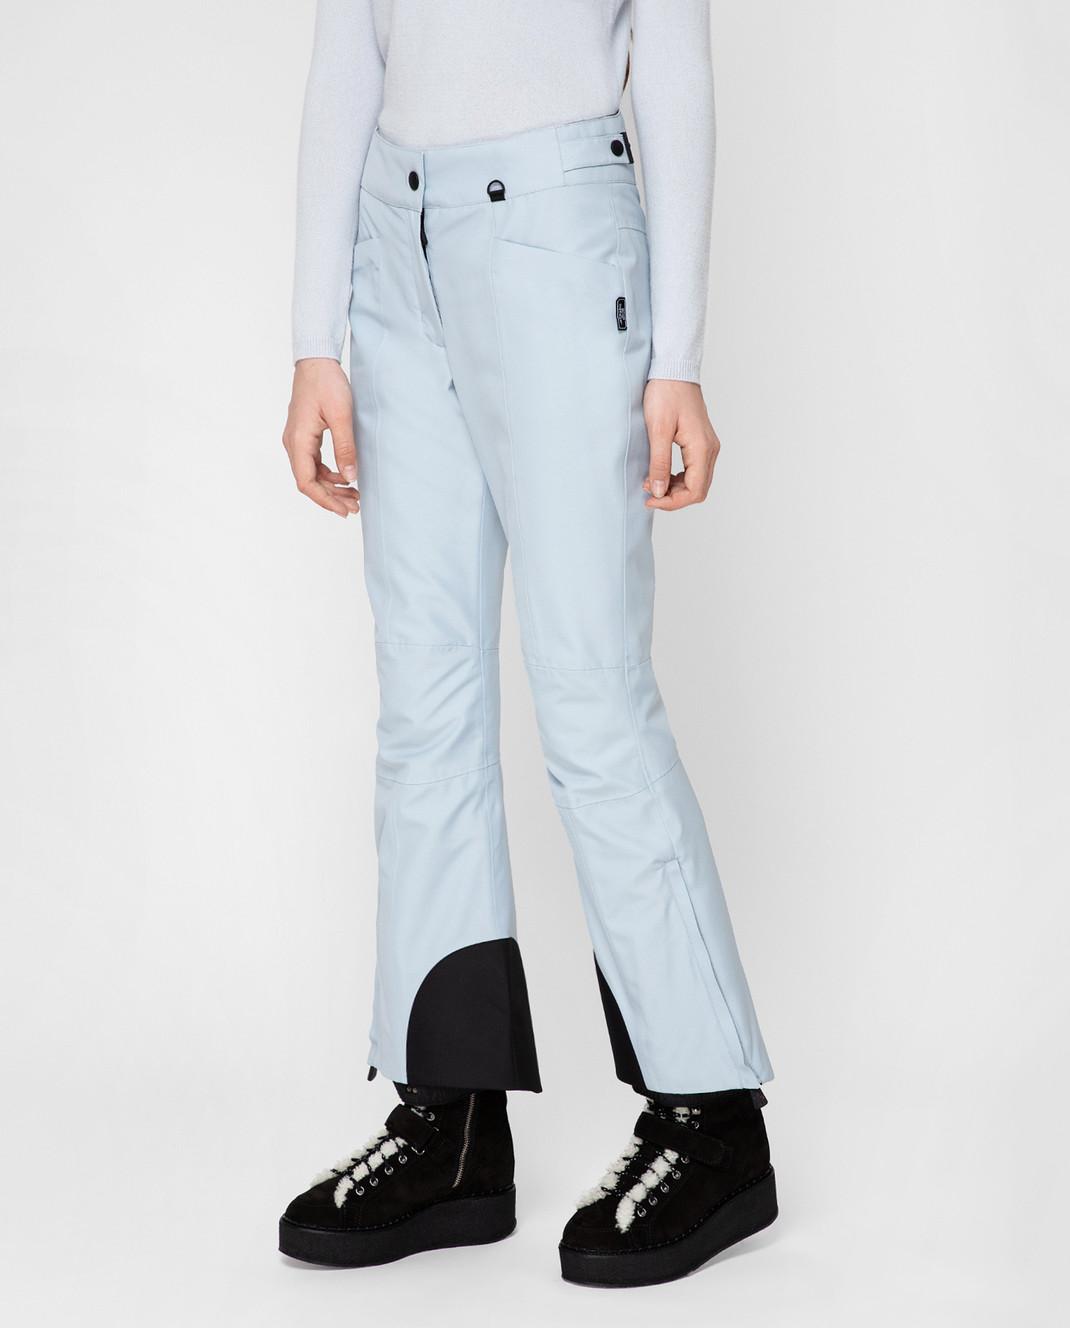 Moncler Grenoble Голубые лыжные брюки 16417 изображение 3